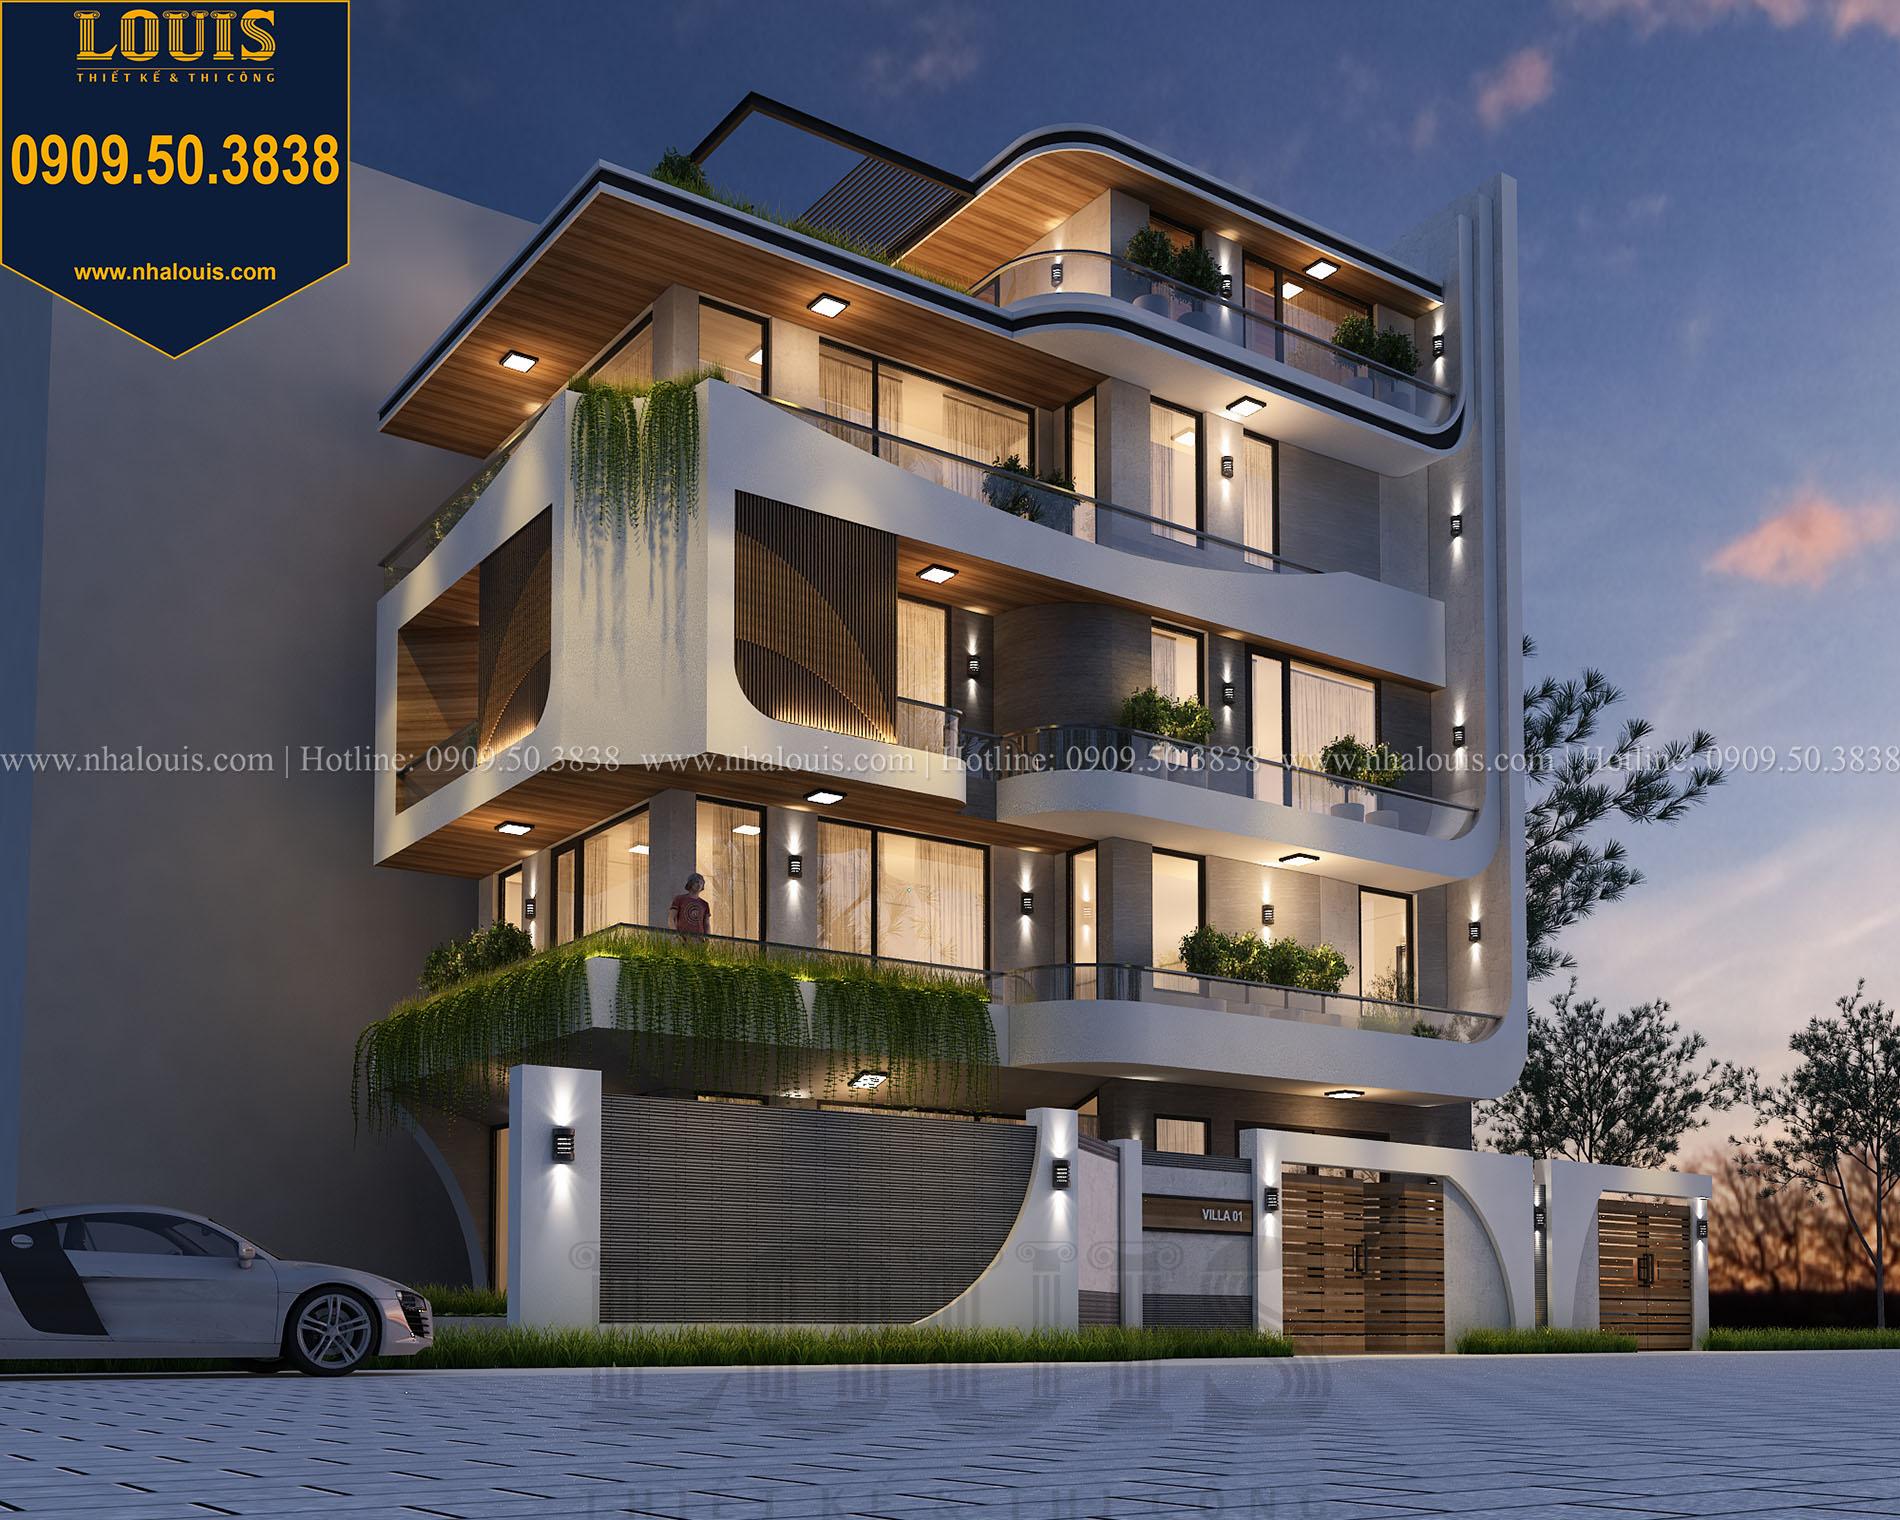 Phong cách hiện đại là gì? Sự ra đời và phát triển trong thiết kế kiến trúc nhà ở